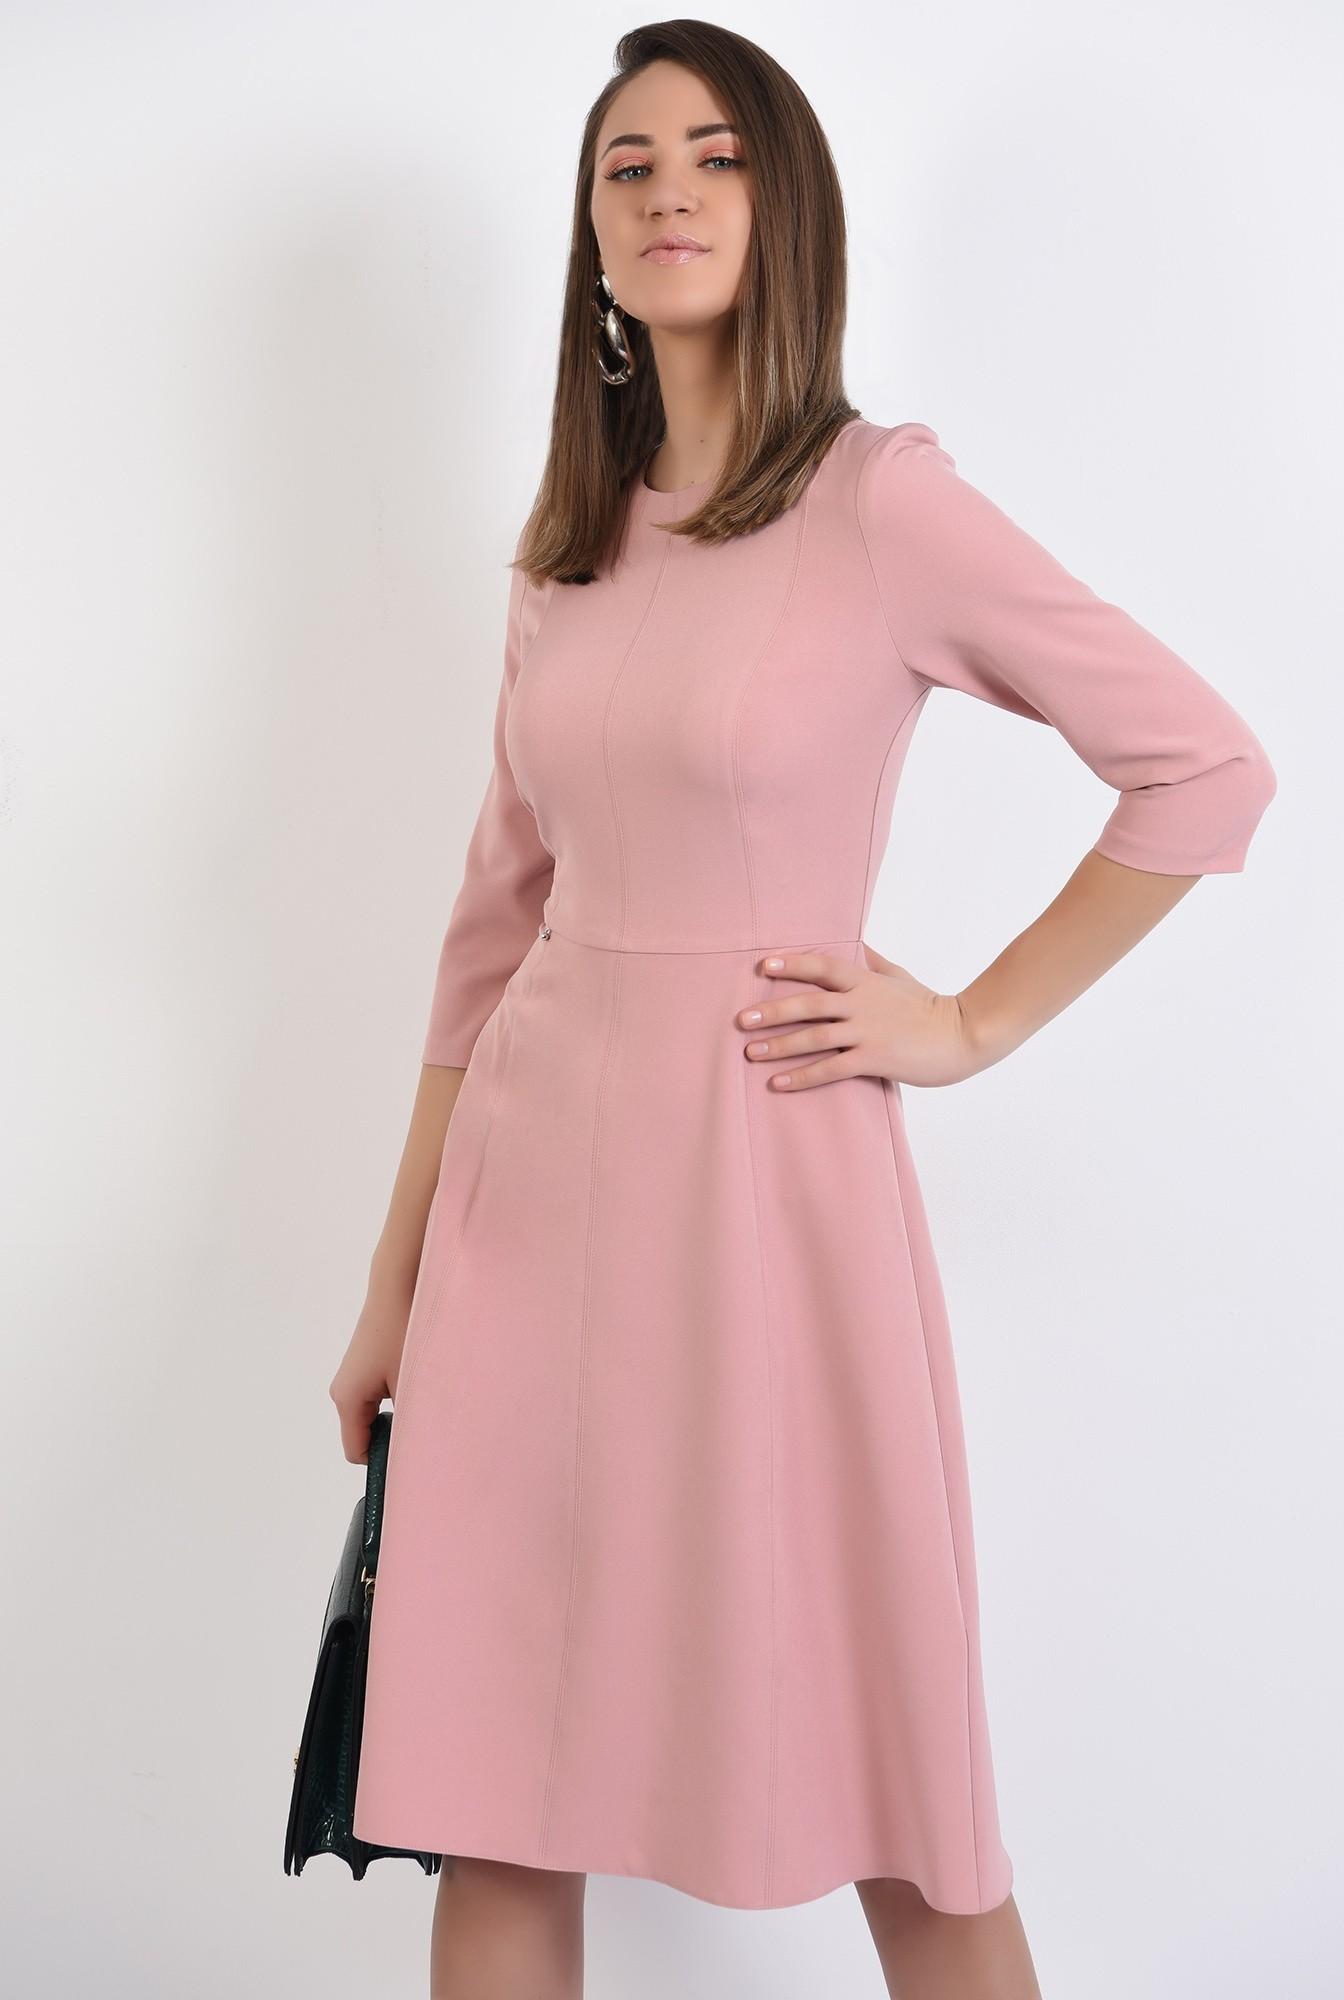 0 -  rochie midi, evazata, roz, rochie de primavara, cusaturi decorative